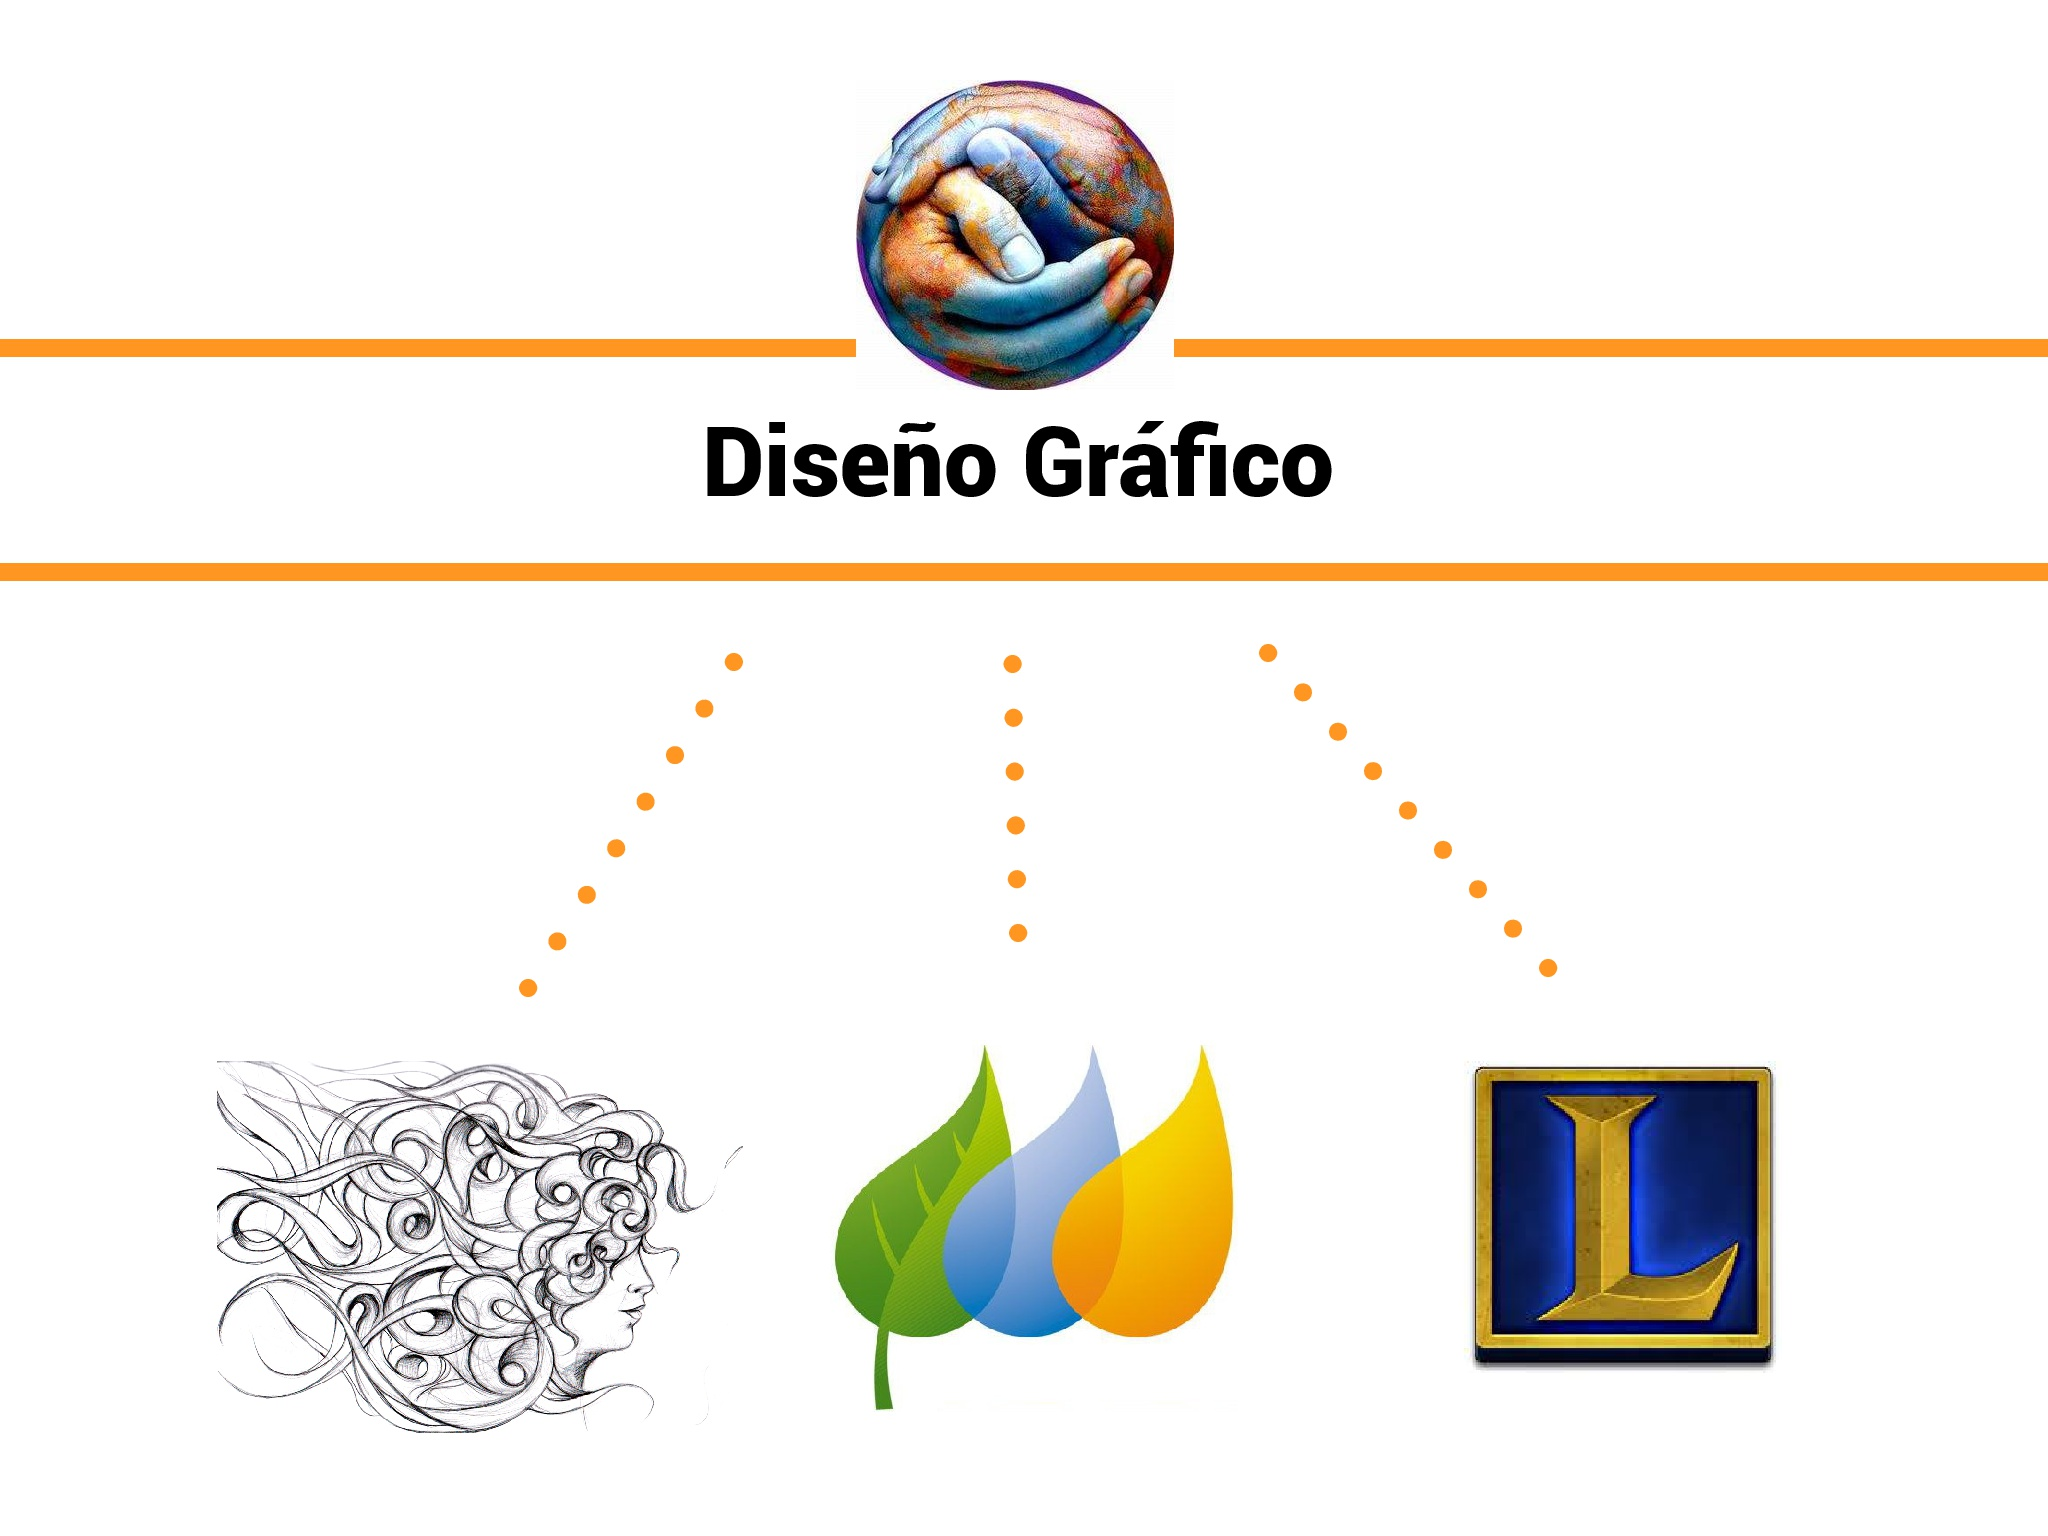 CURSO-DISENO-GRAFICO-003